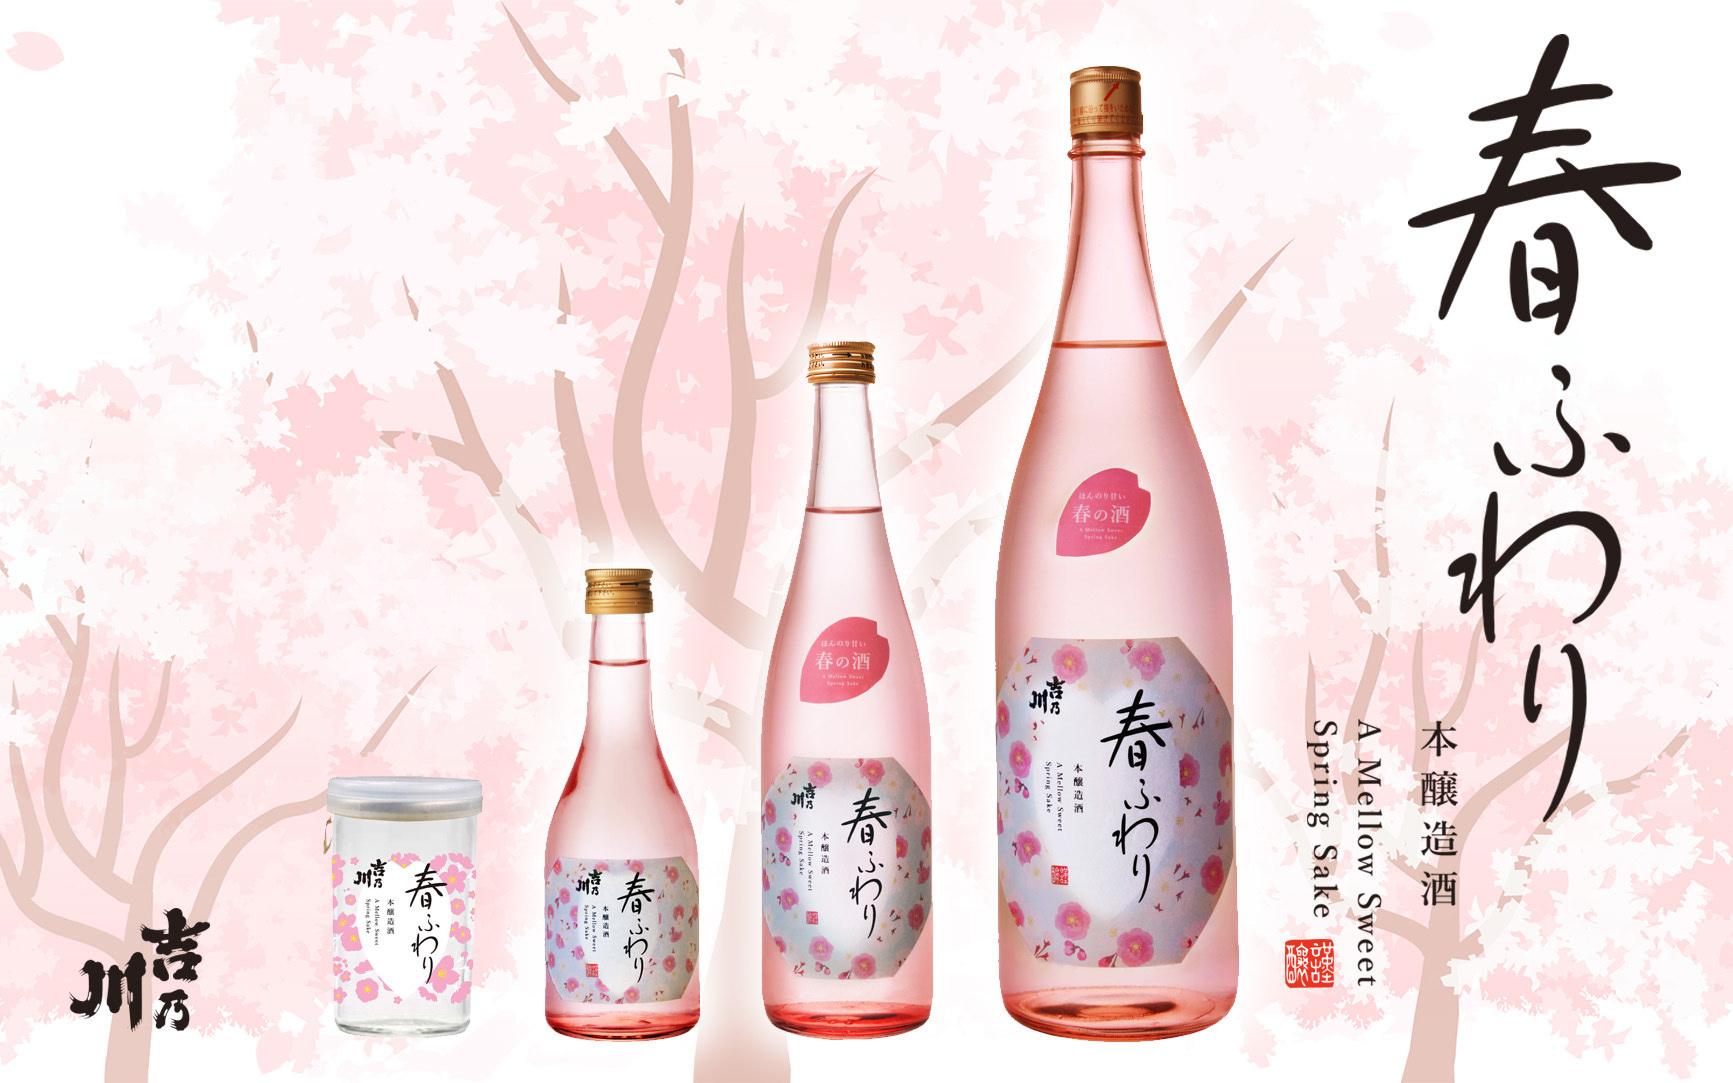 新潟の老舗蔵元「吉乃川」、春季限定の日本酒『春ふわり』を 2月4日より蔵出し開始!お花見や女子会、祝いの席に最適